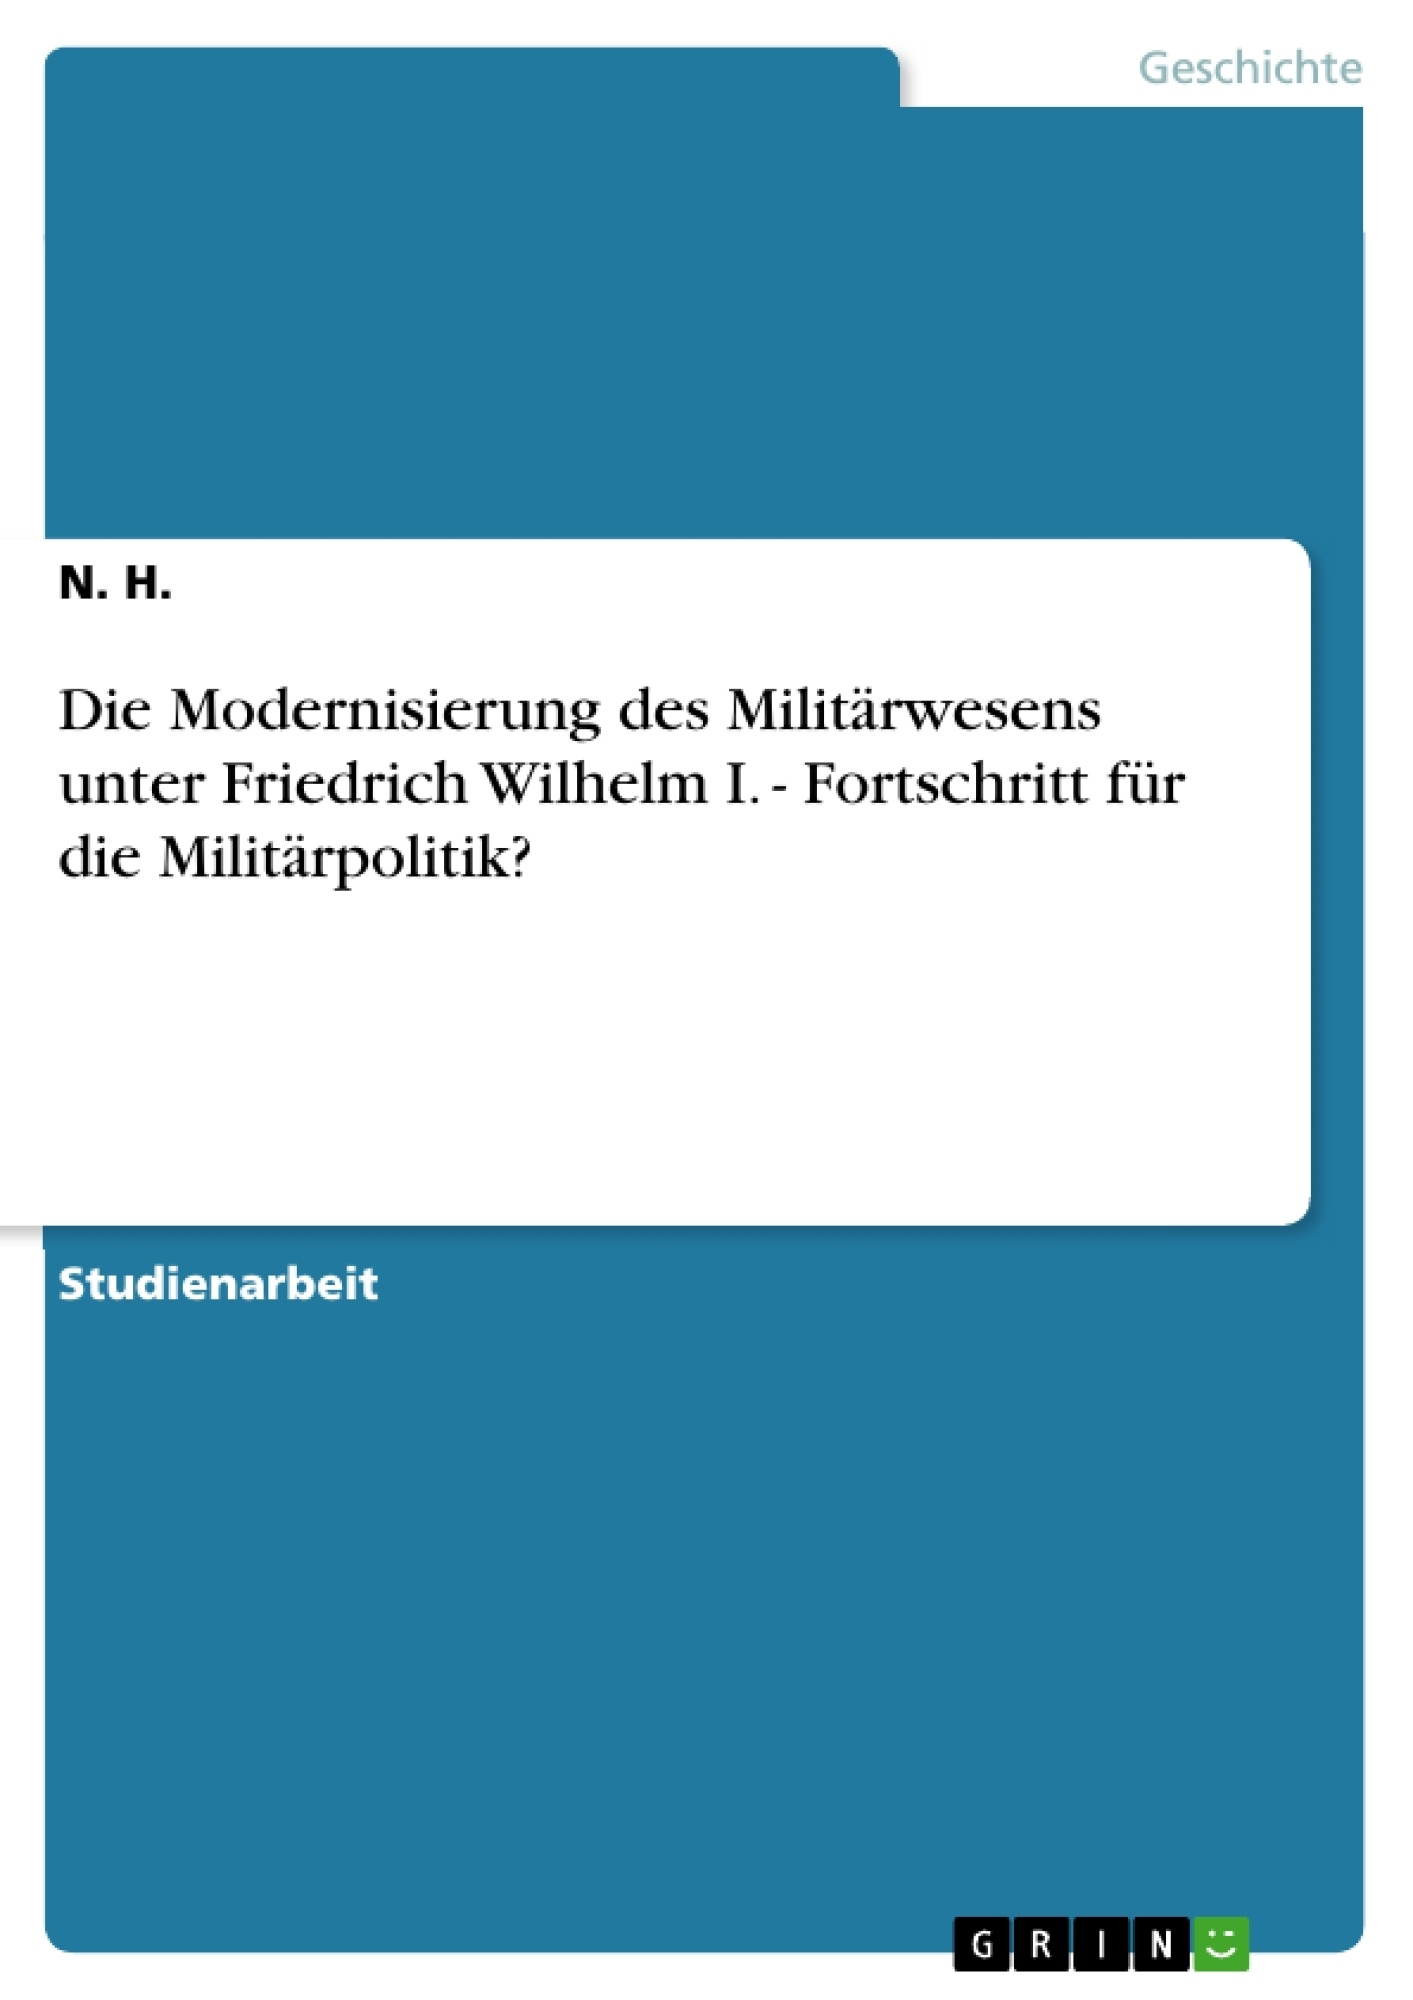 Titel: Die Modernisierung des Militärwesens unter Friedrich Wilhelm I. - Fortschritt für die Militärpolitik?